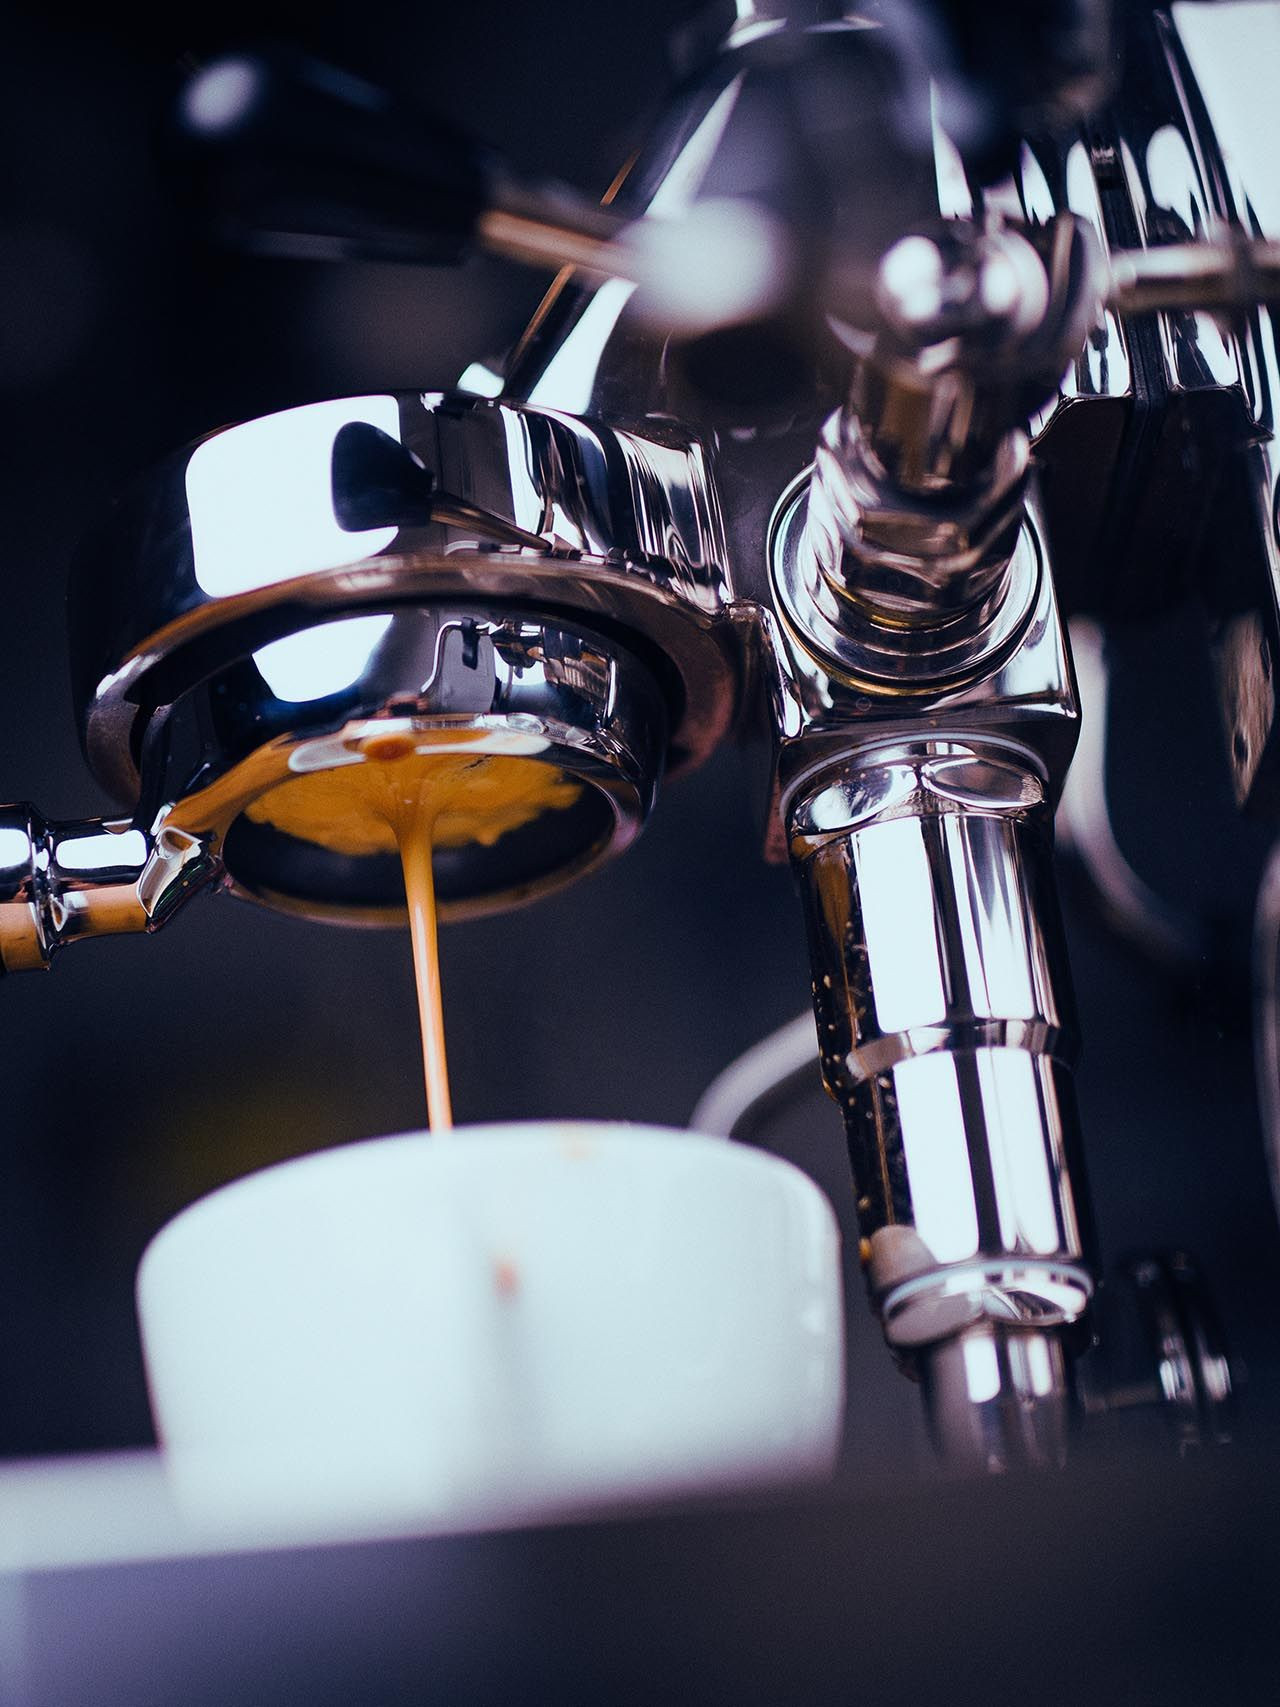 Çok sık kahve tüketenlere kötü haber - Resim: 2